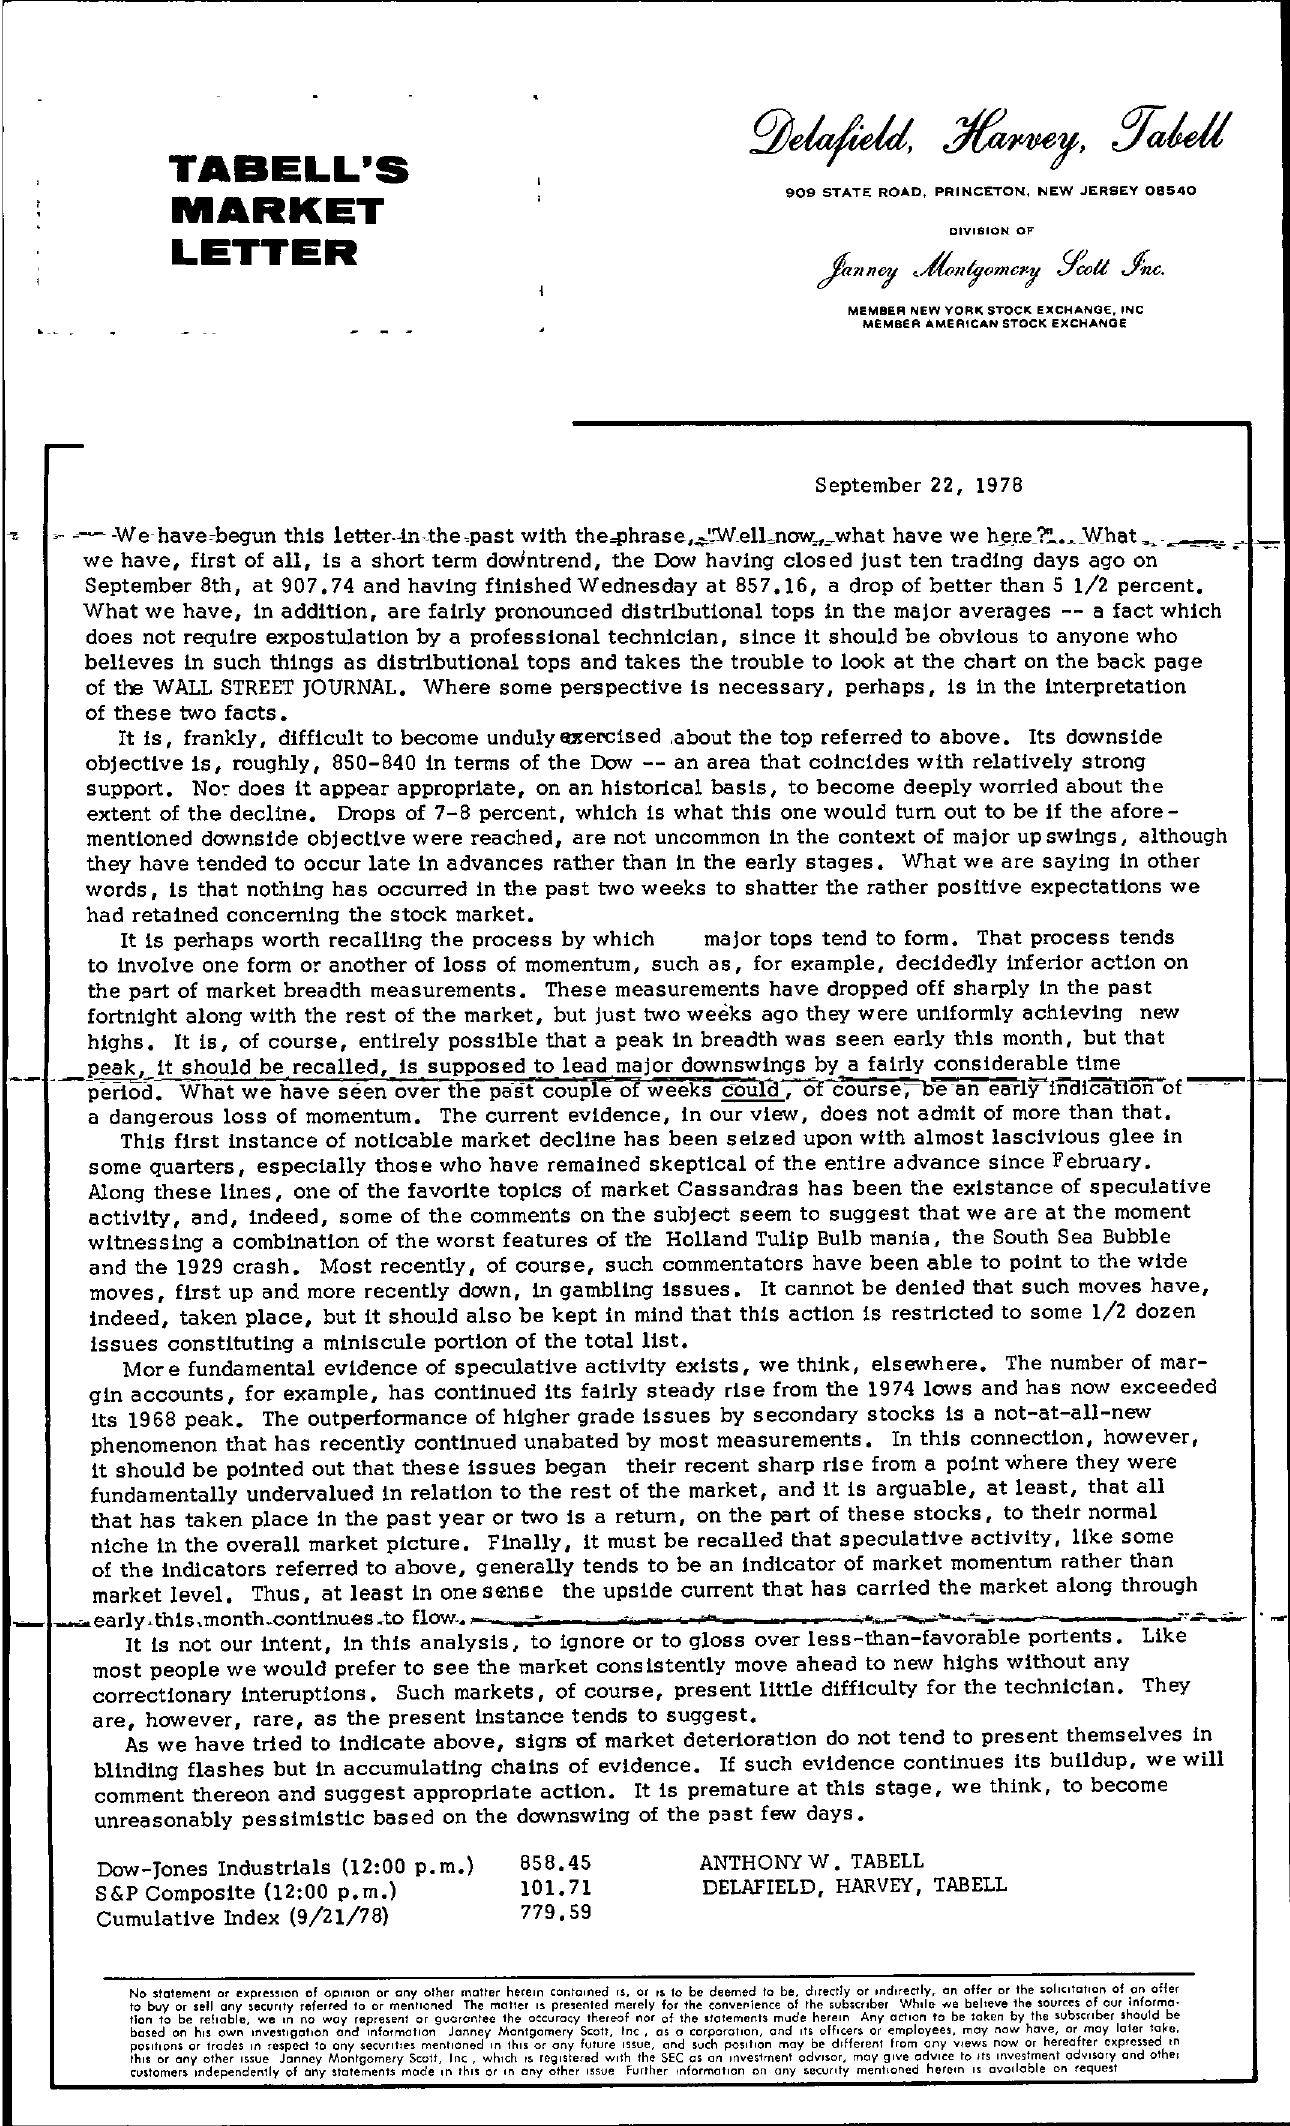 Tabell's Market Letter - September 22, 1978